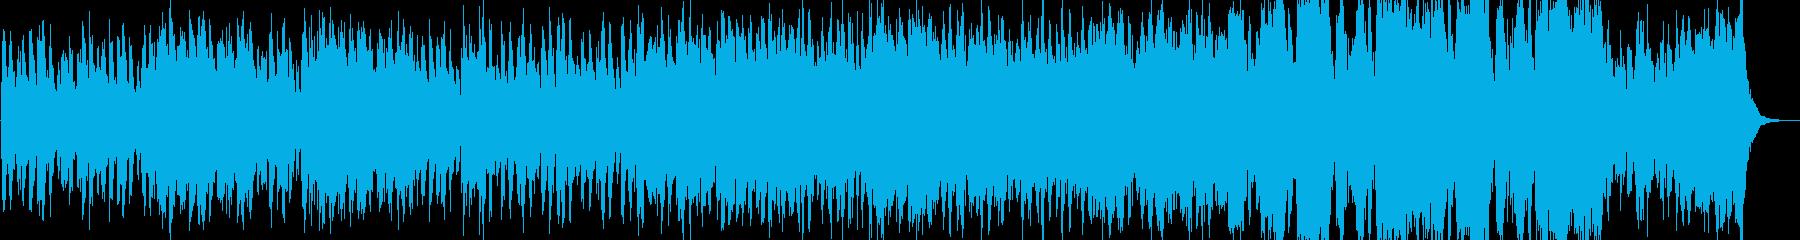 威圧感のある軍隊的なオーケストラ曲の再生済みの波形